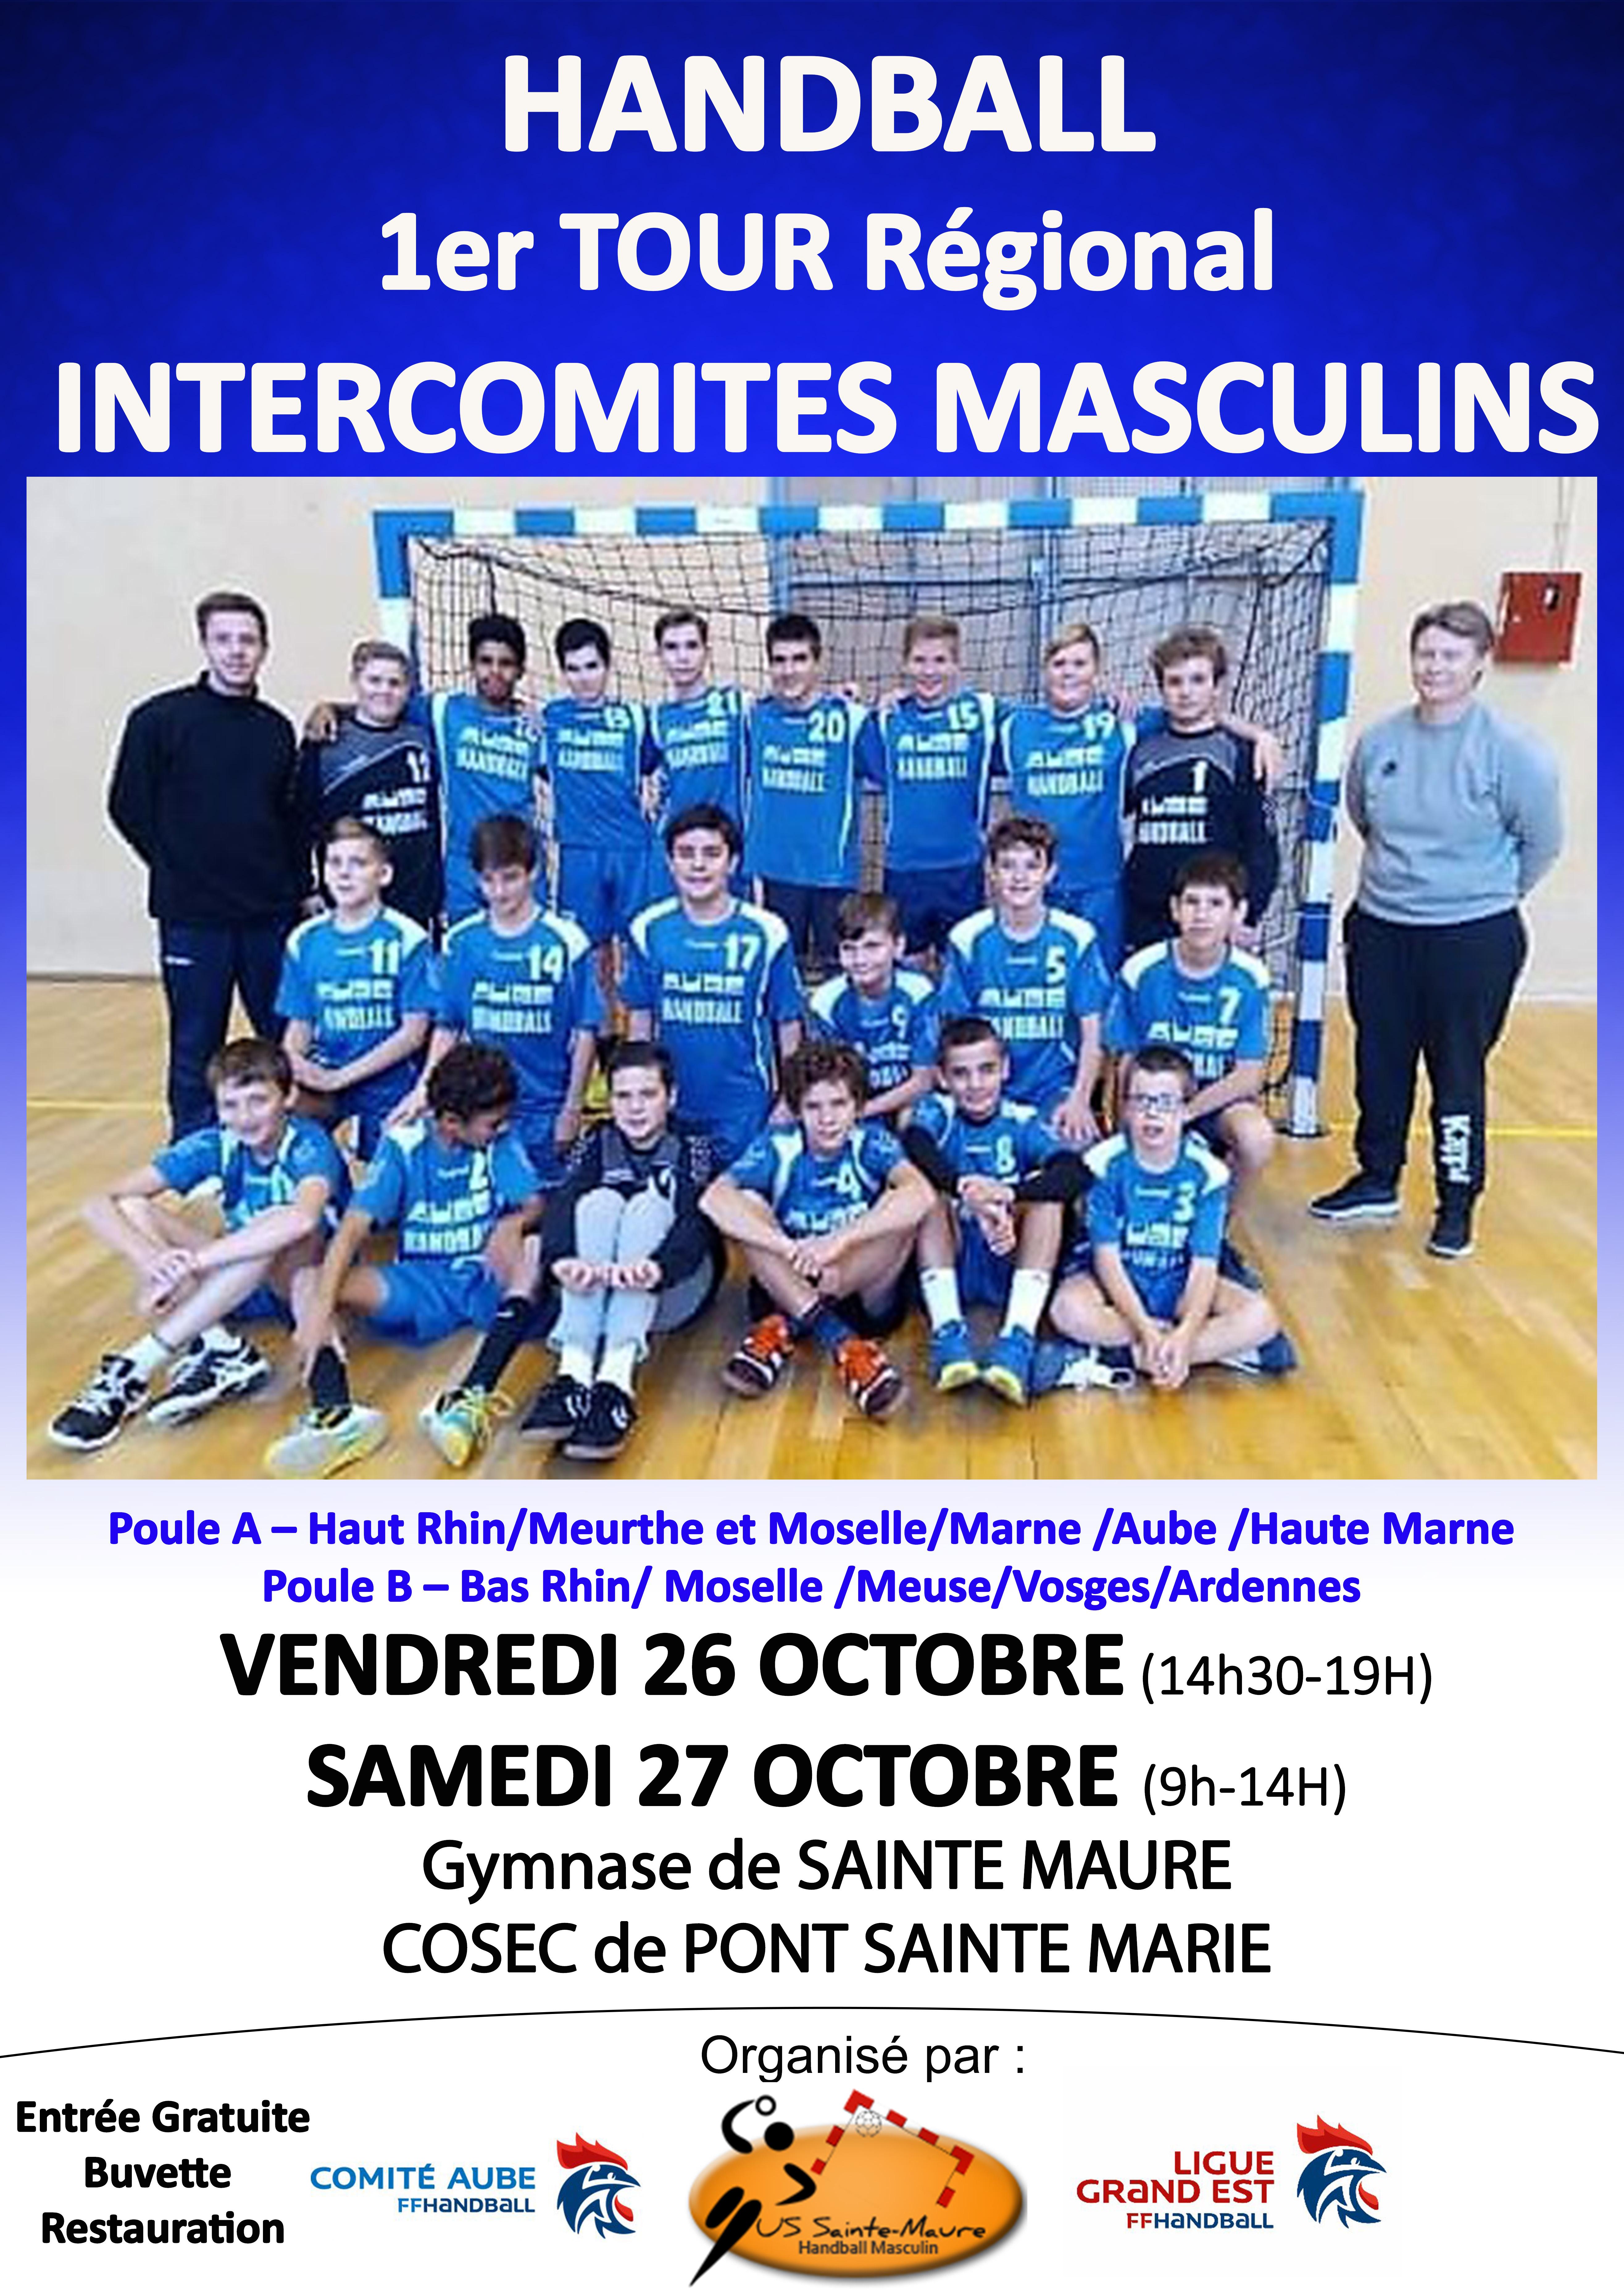 Inter Comités Masculins - 1er Tour Régional : 26 & 27 octobre 2018